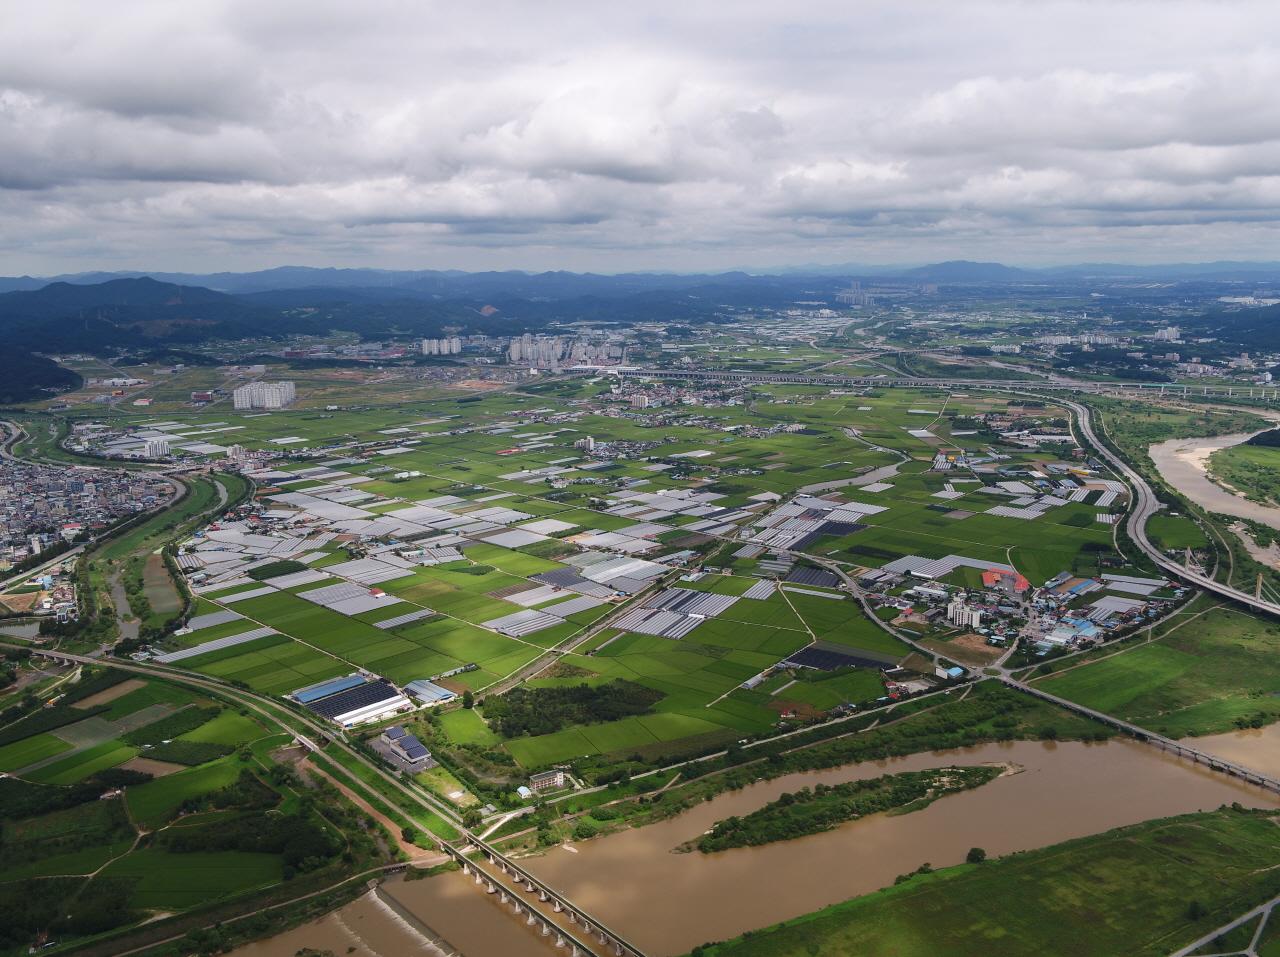 충청북도, 바이오 국가산업단지 예타 동시 통과(청주 오송, 충주)